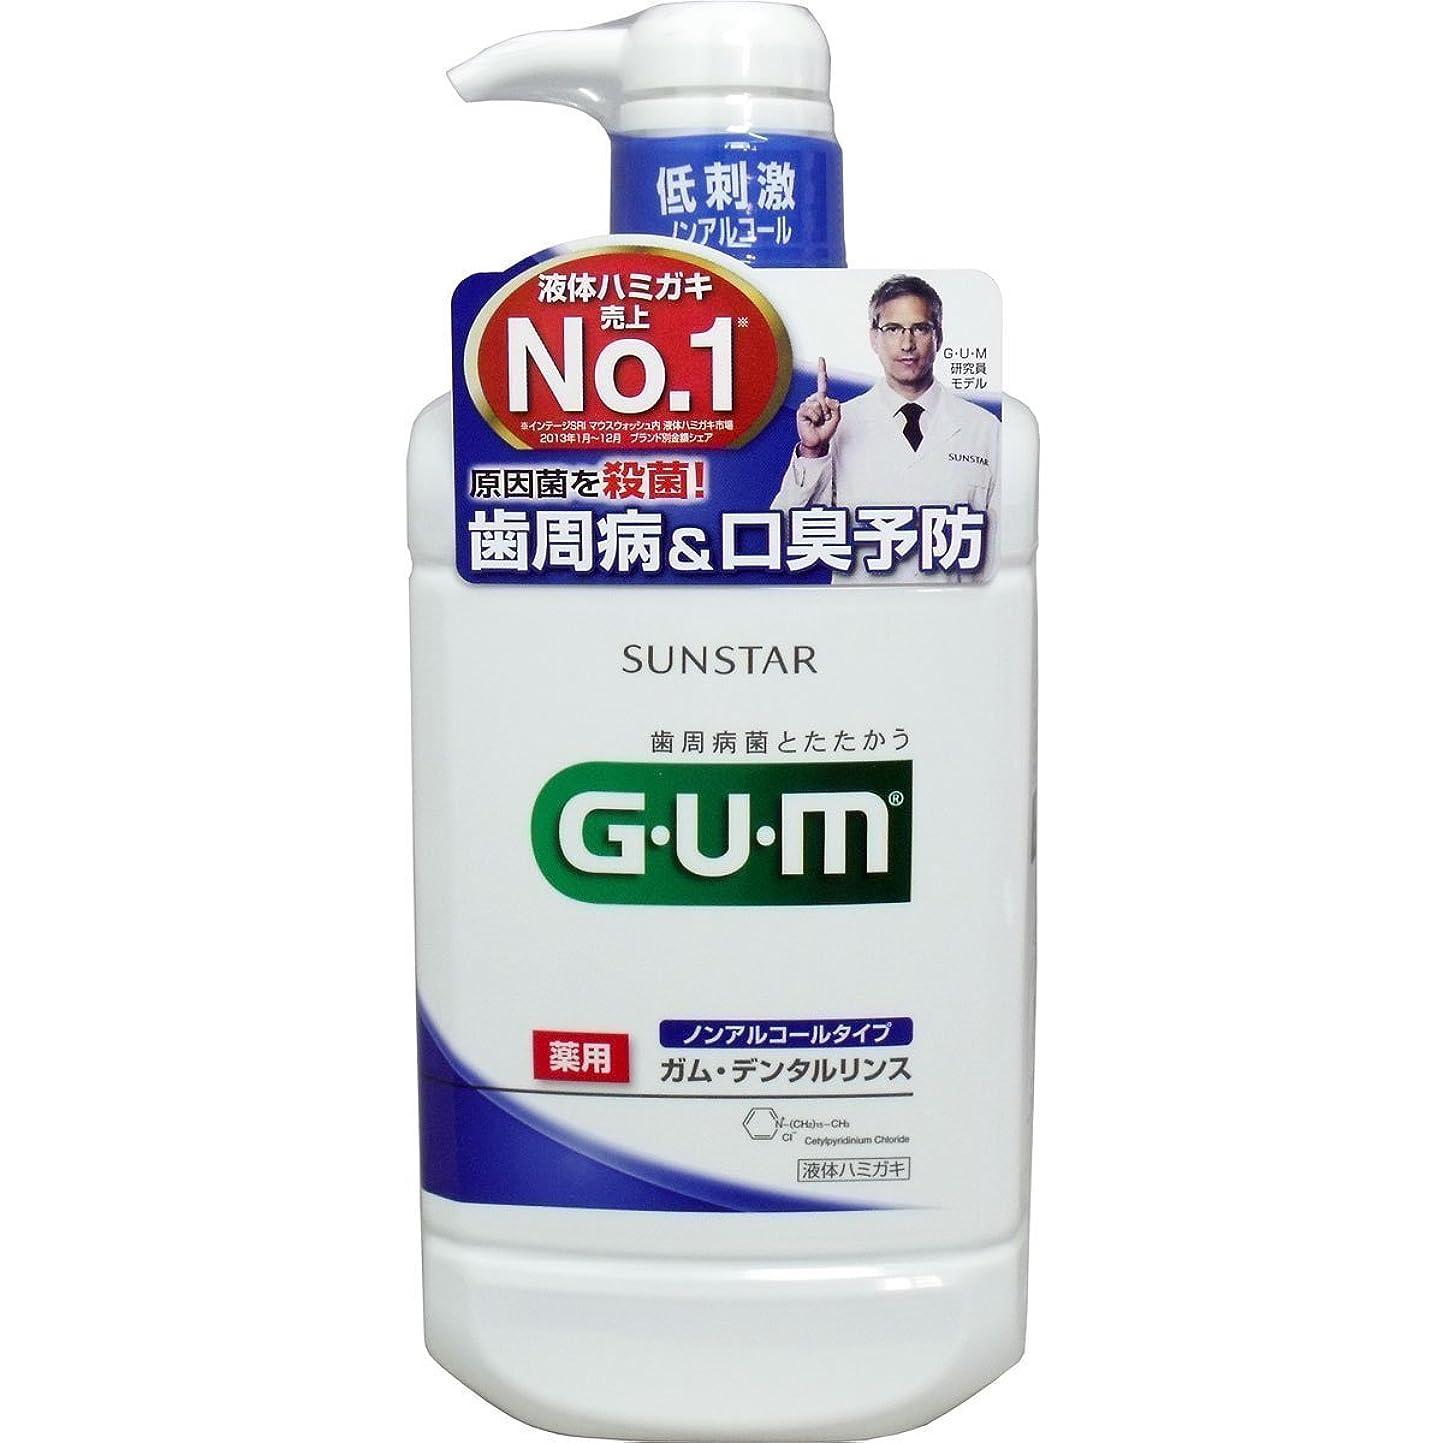 みなす間接的仕様GUM(ガム)?デンタルリンス (ノンアルコールタイプ) 960mL (医薬部外品)